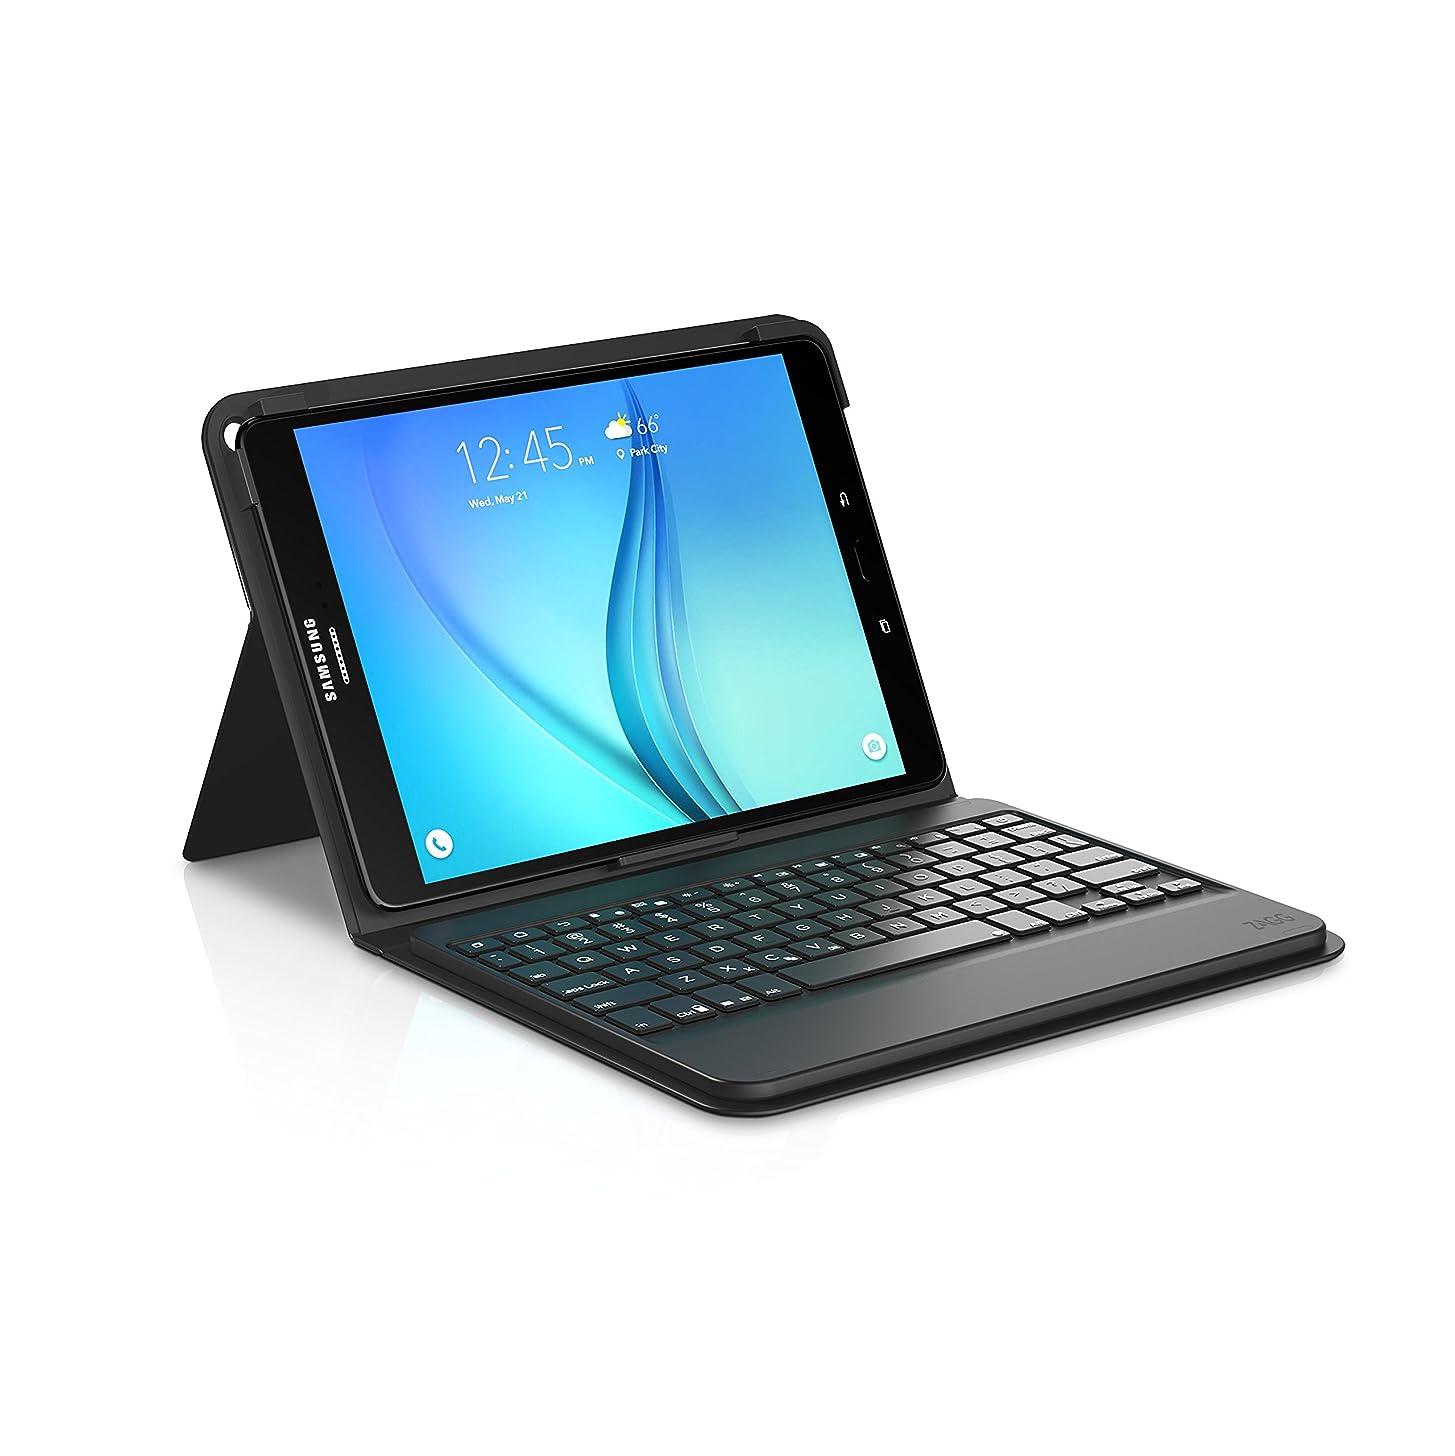 ZAGG Messenger Folio Case and Bluetooth Keyboard for Samsung Galaxy Tab A 9.7 - Black